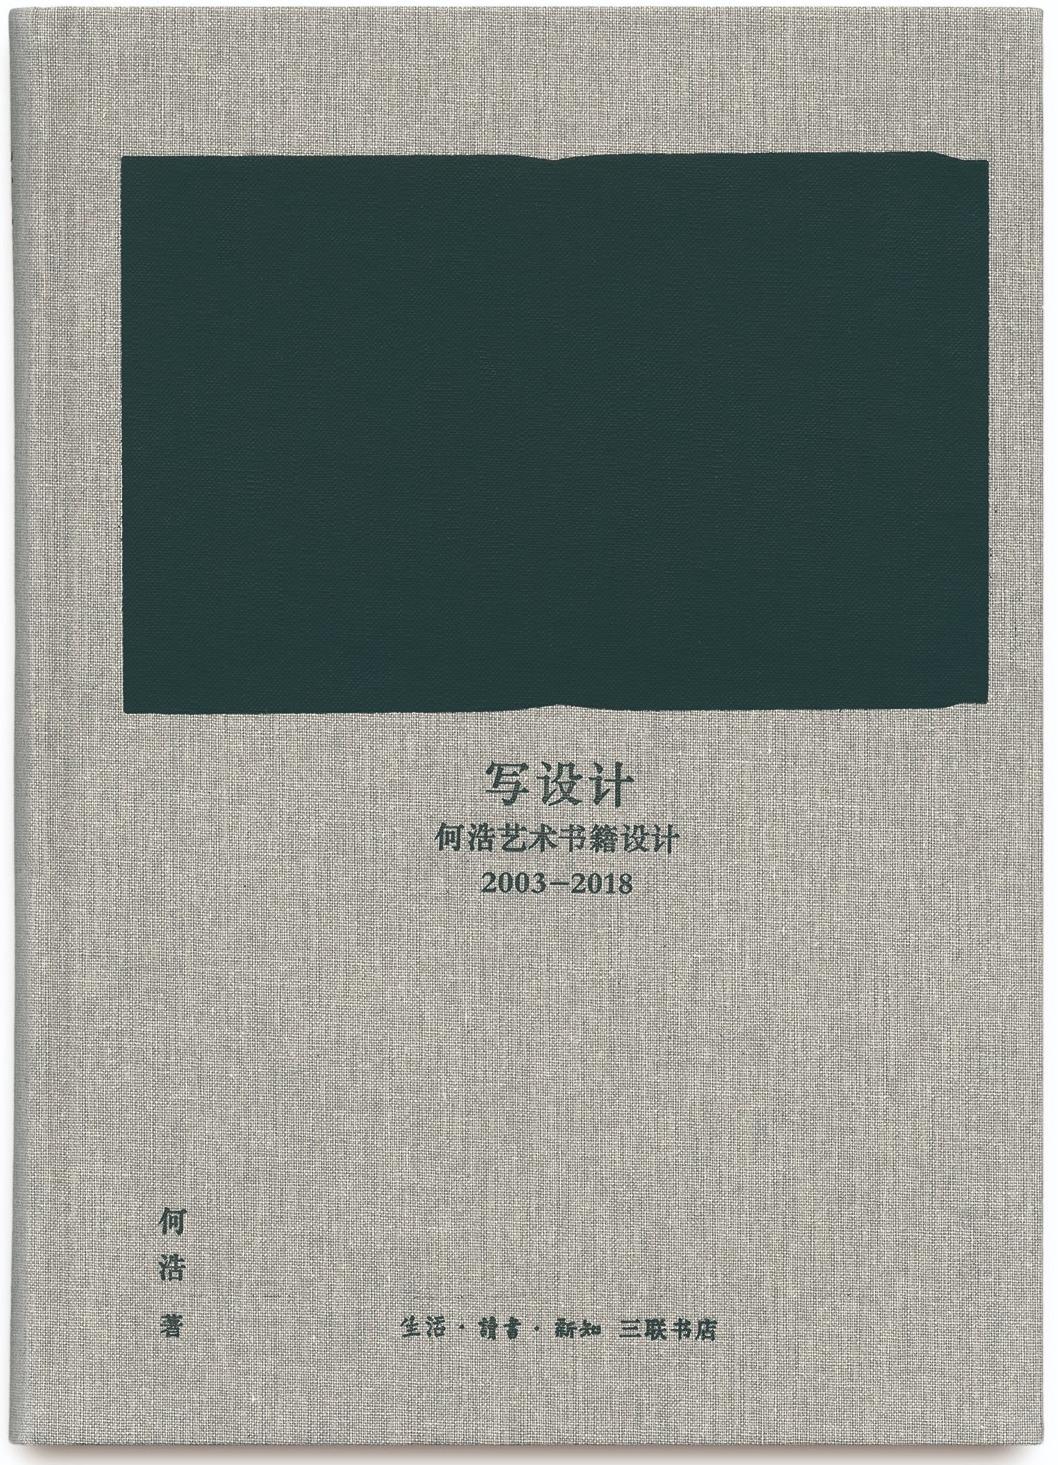 设计师何浩的书籍态度:一个人和中国当代艺术的十五年